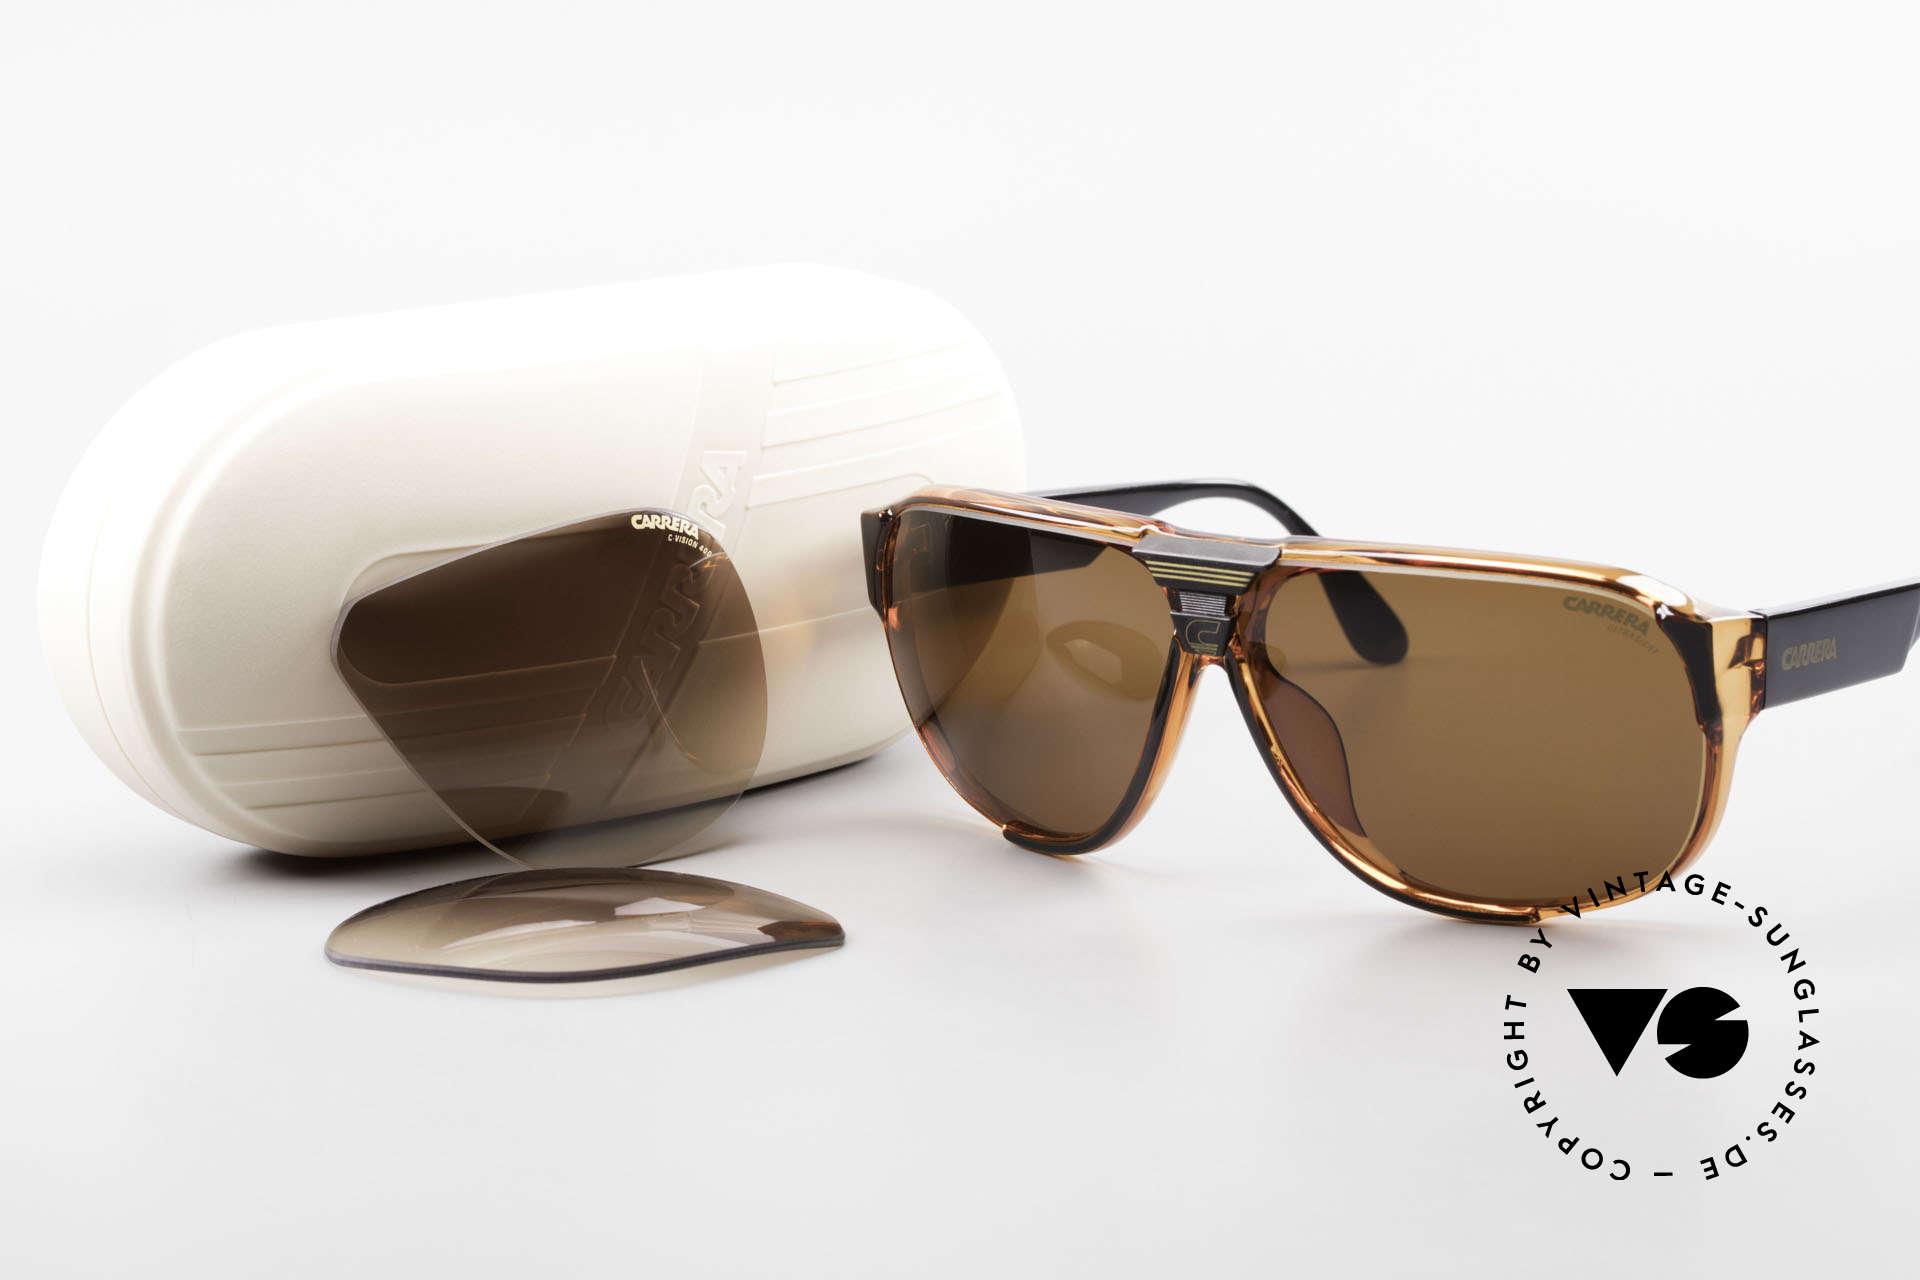 Carrera 5431 Men's 80's Sportsglasses Optyl, NO RETRO sunglasses; a rare vintage ORIGINAL, Made for Men